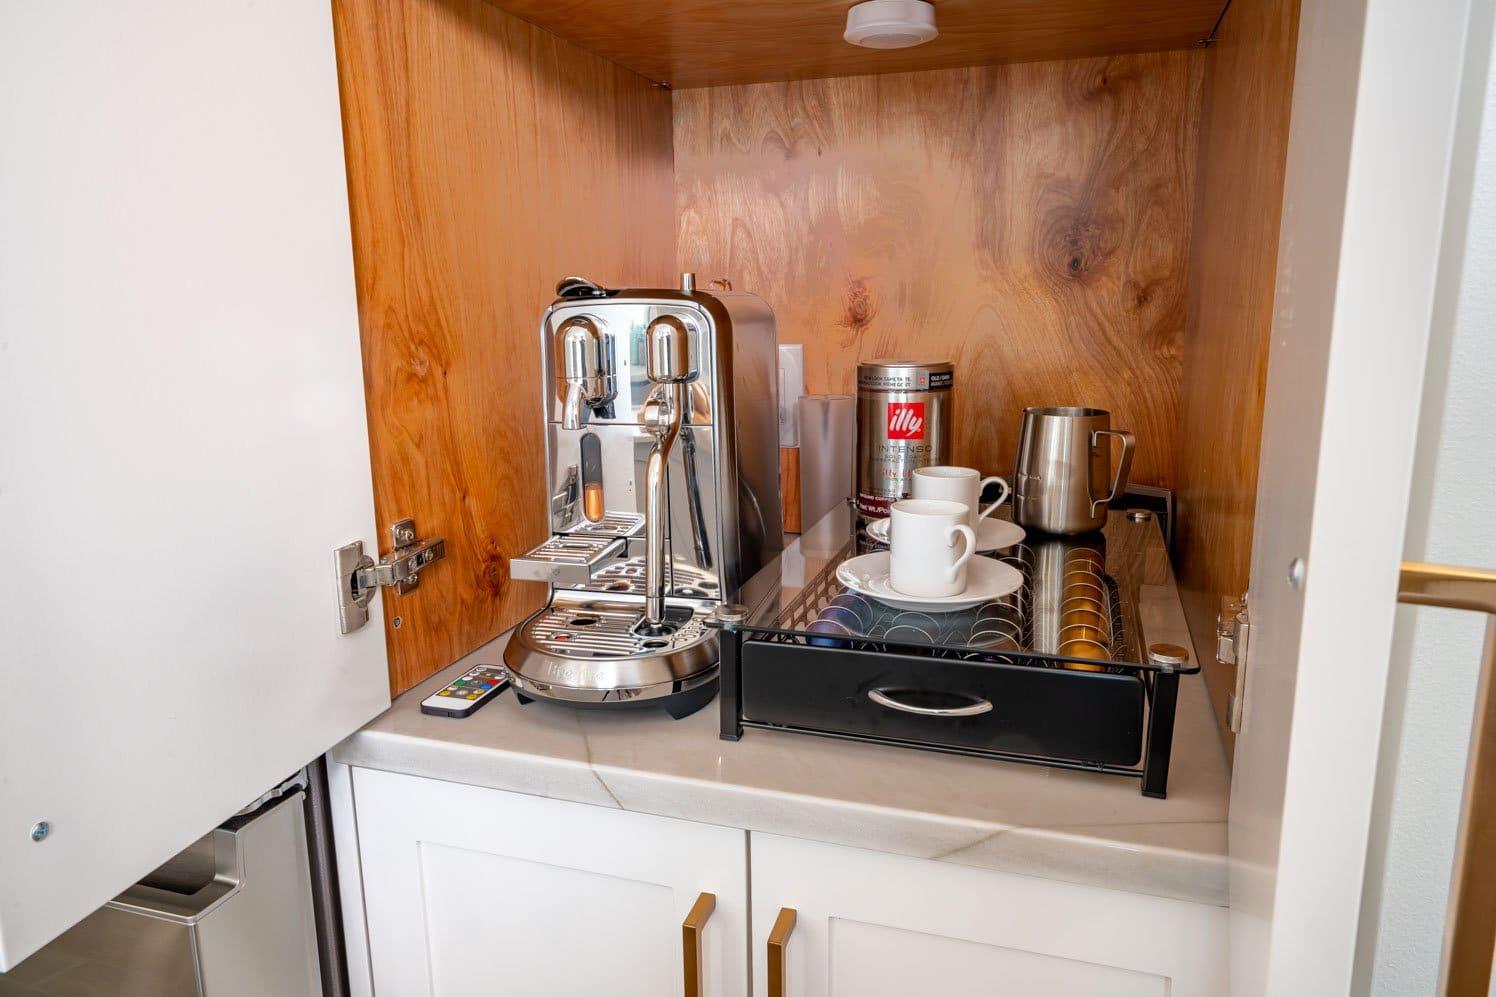 empire-custom-cabinets-countertops-buffalo-ny-remodel-13